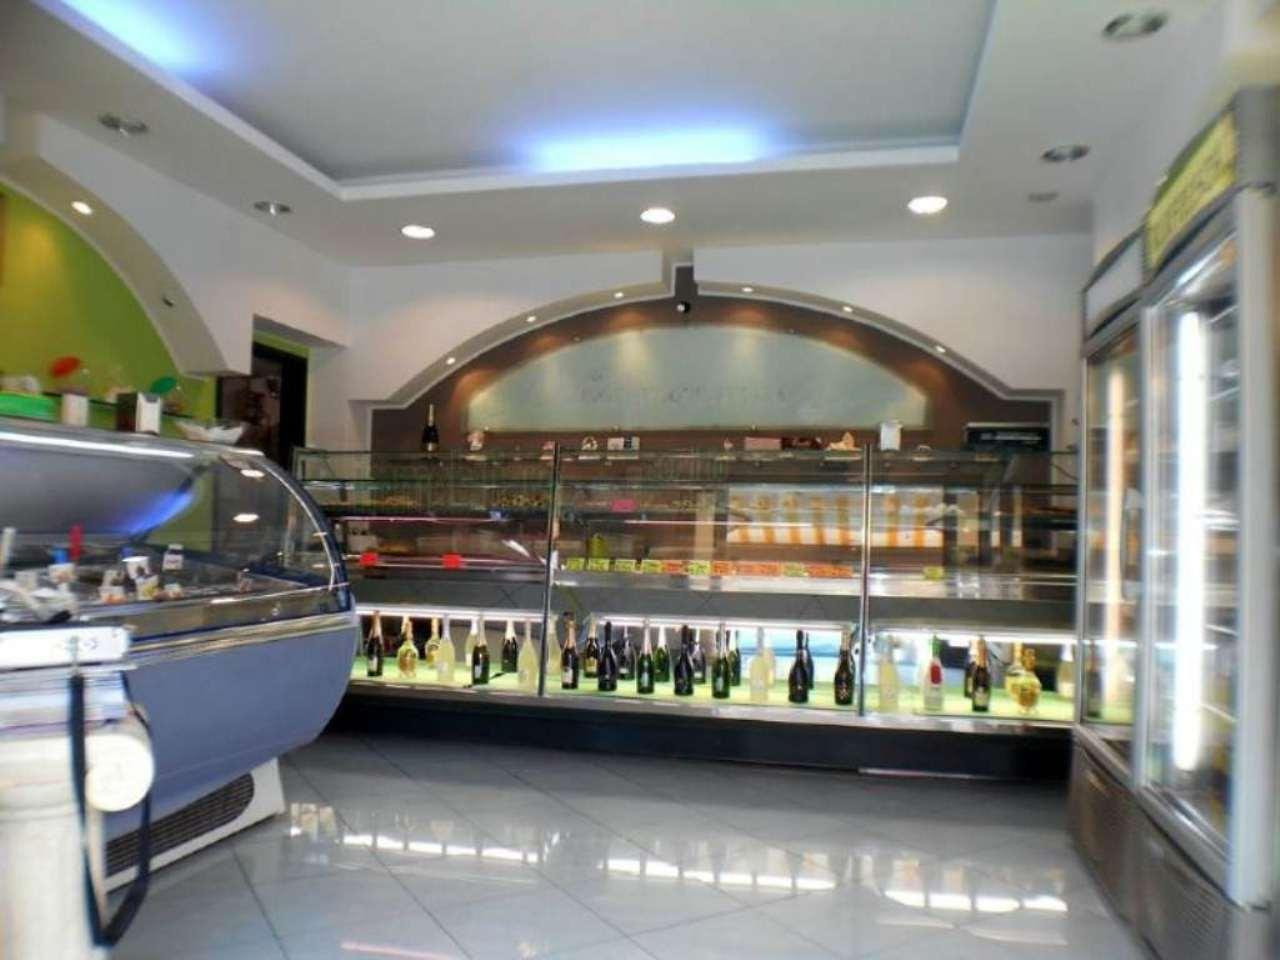 Negozio / Locale in vendita a Tivoli, 2 locali, prezzo € 190.000 | Cambio Casa.it